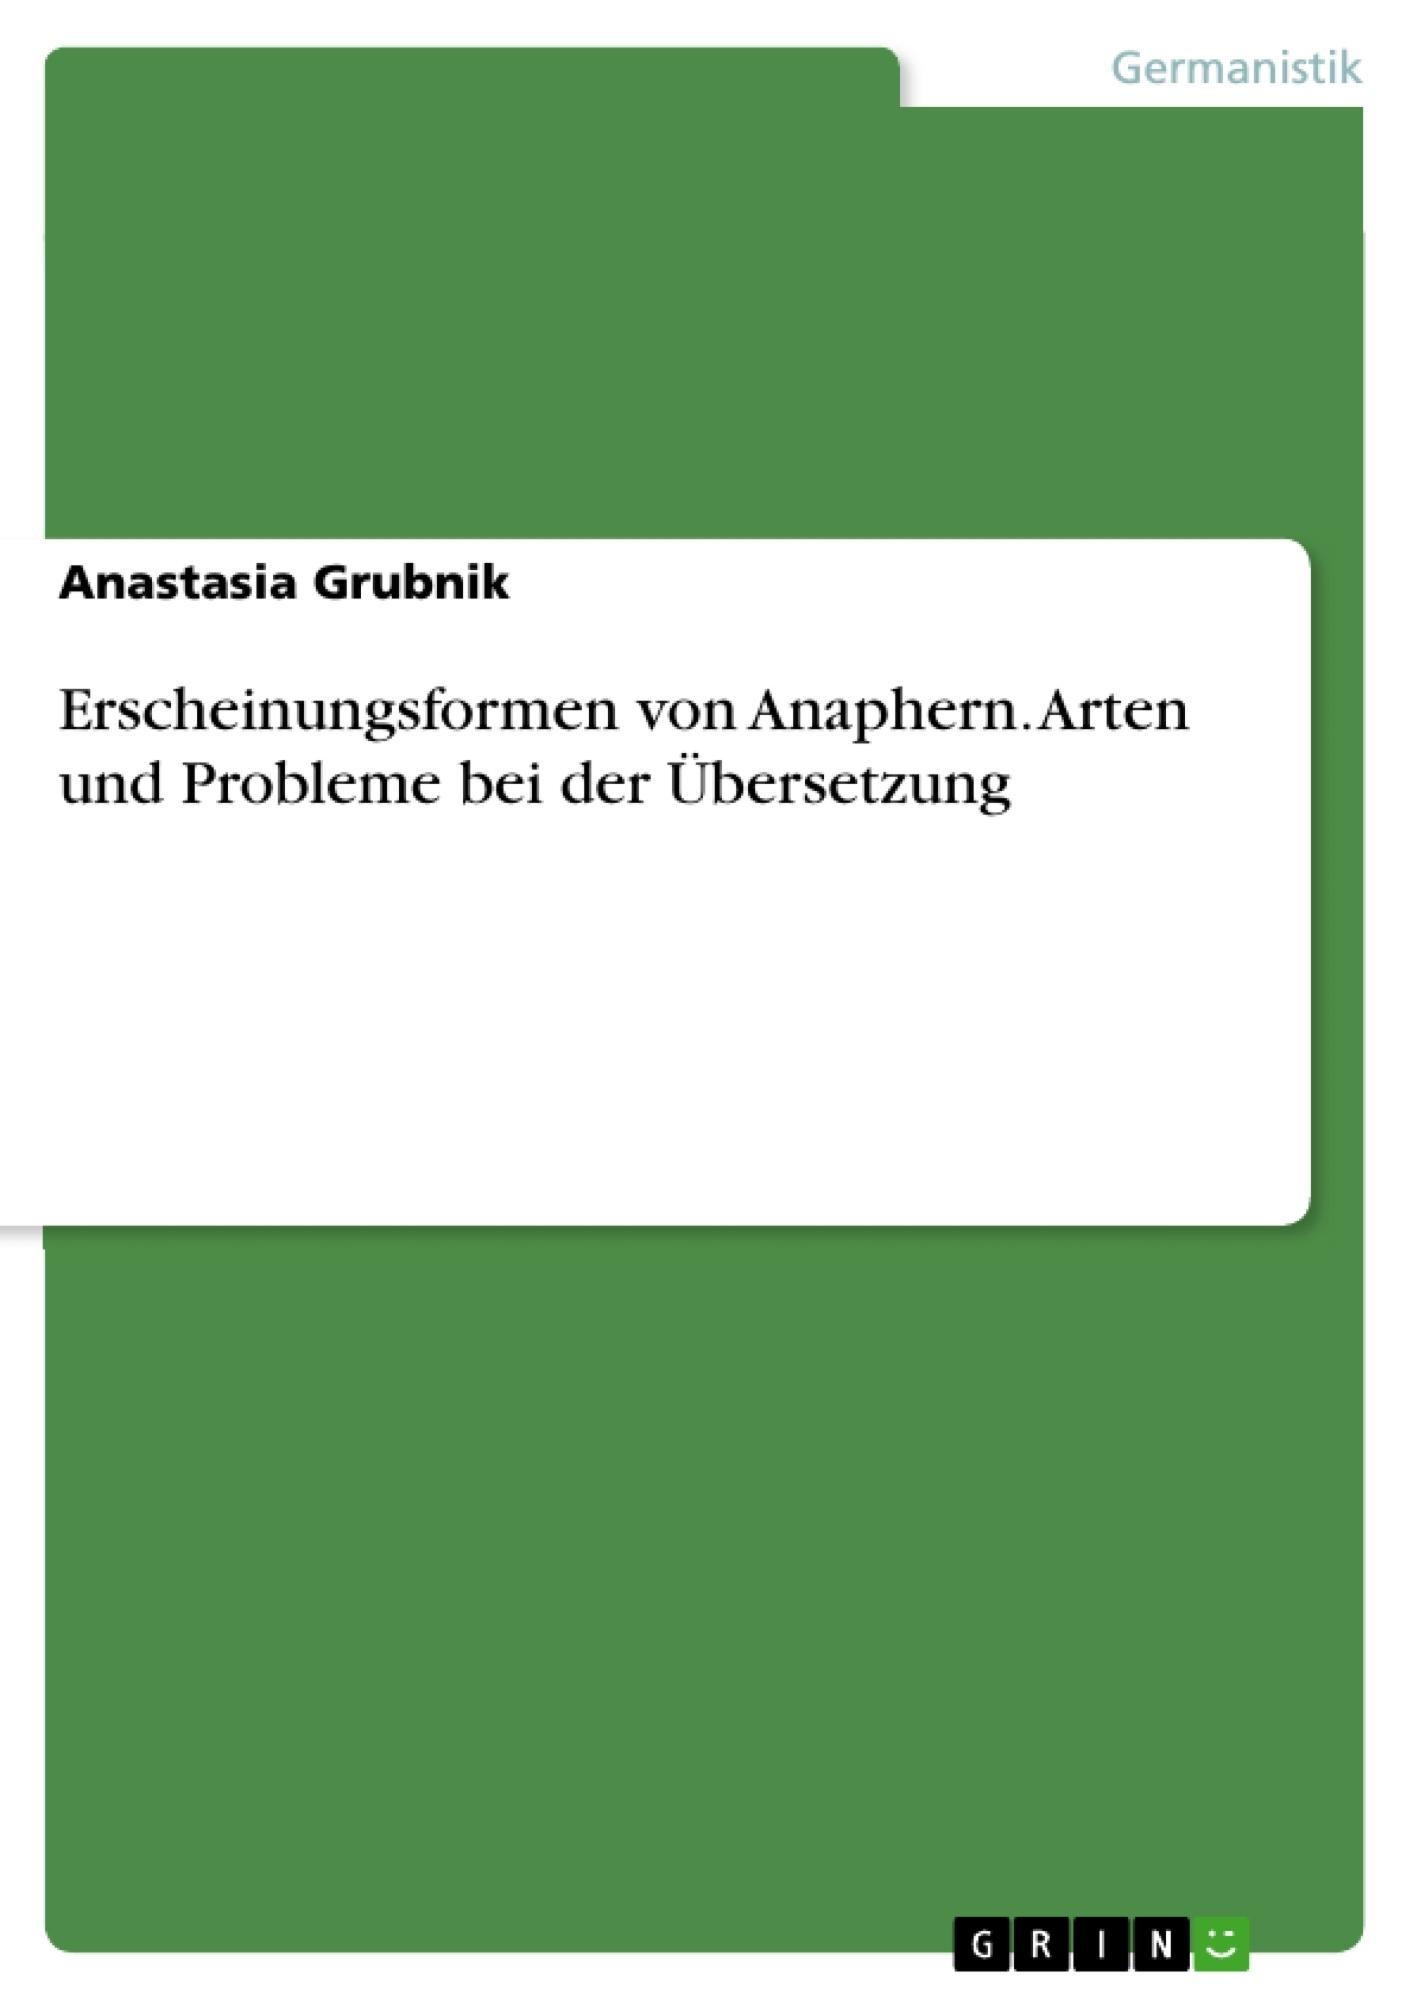 Titel: Erscheinungsformen von Anaphern. Arten und Probleme bei der Übersetzung